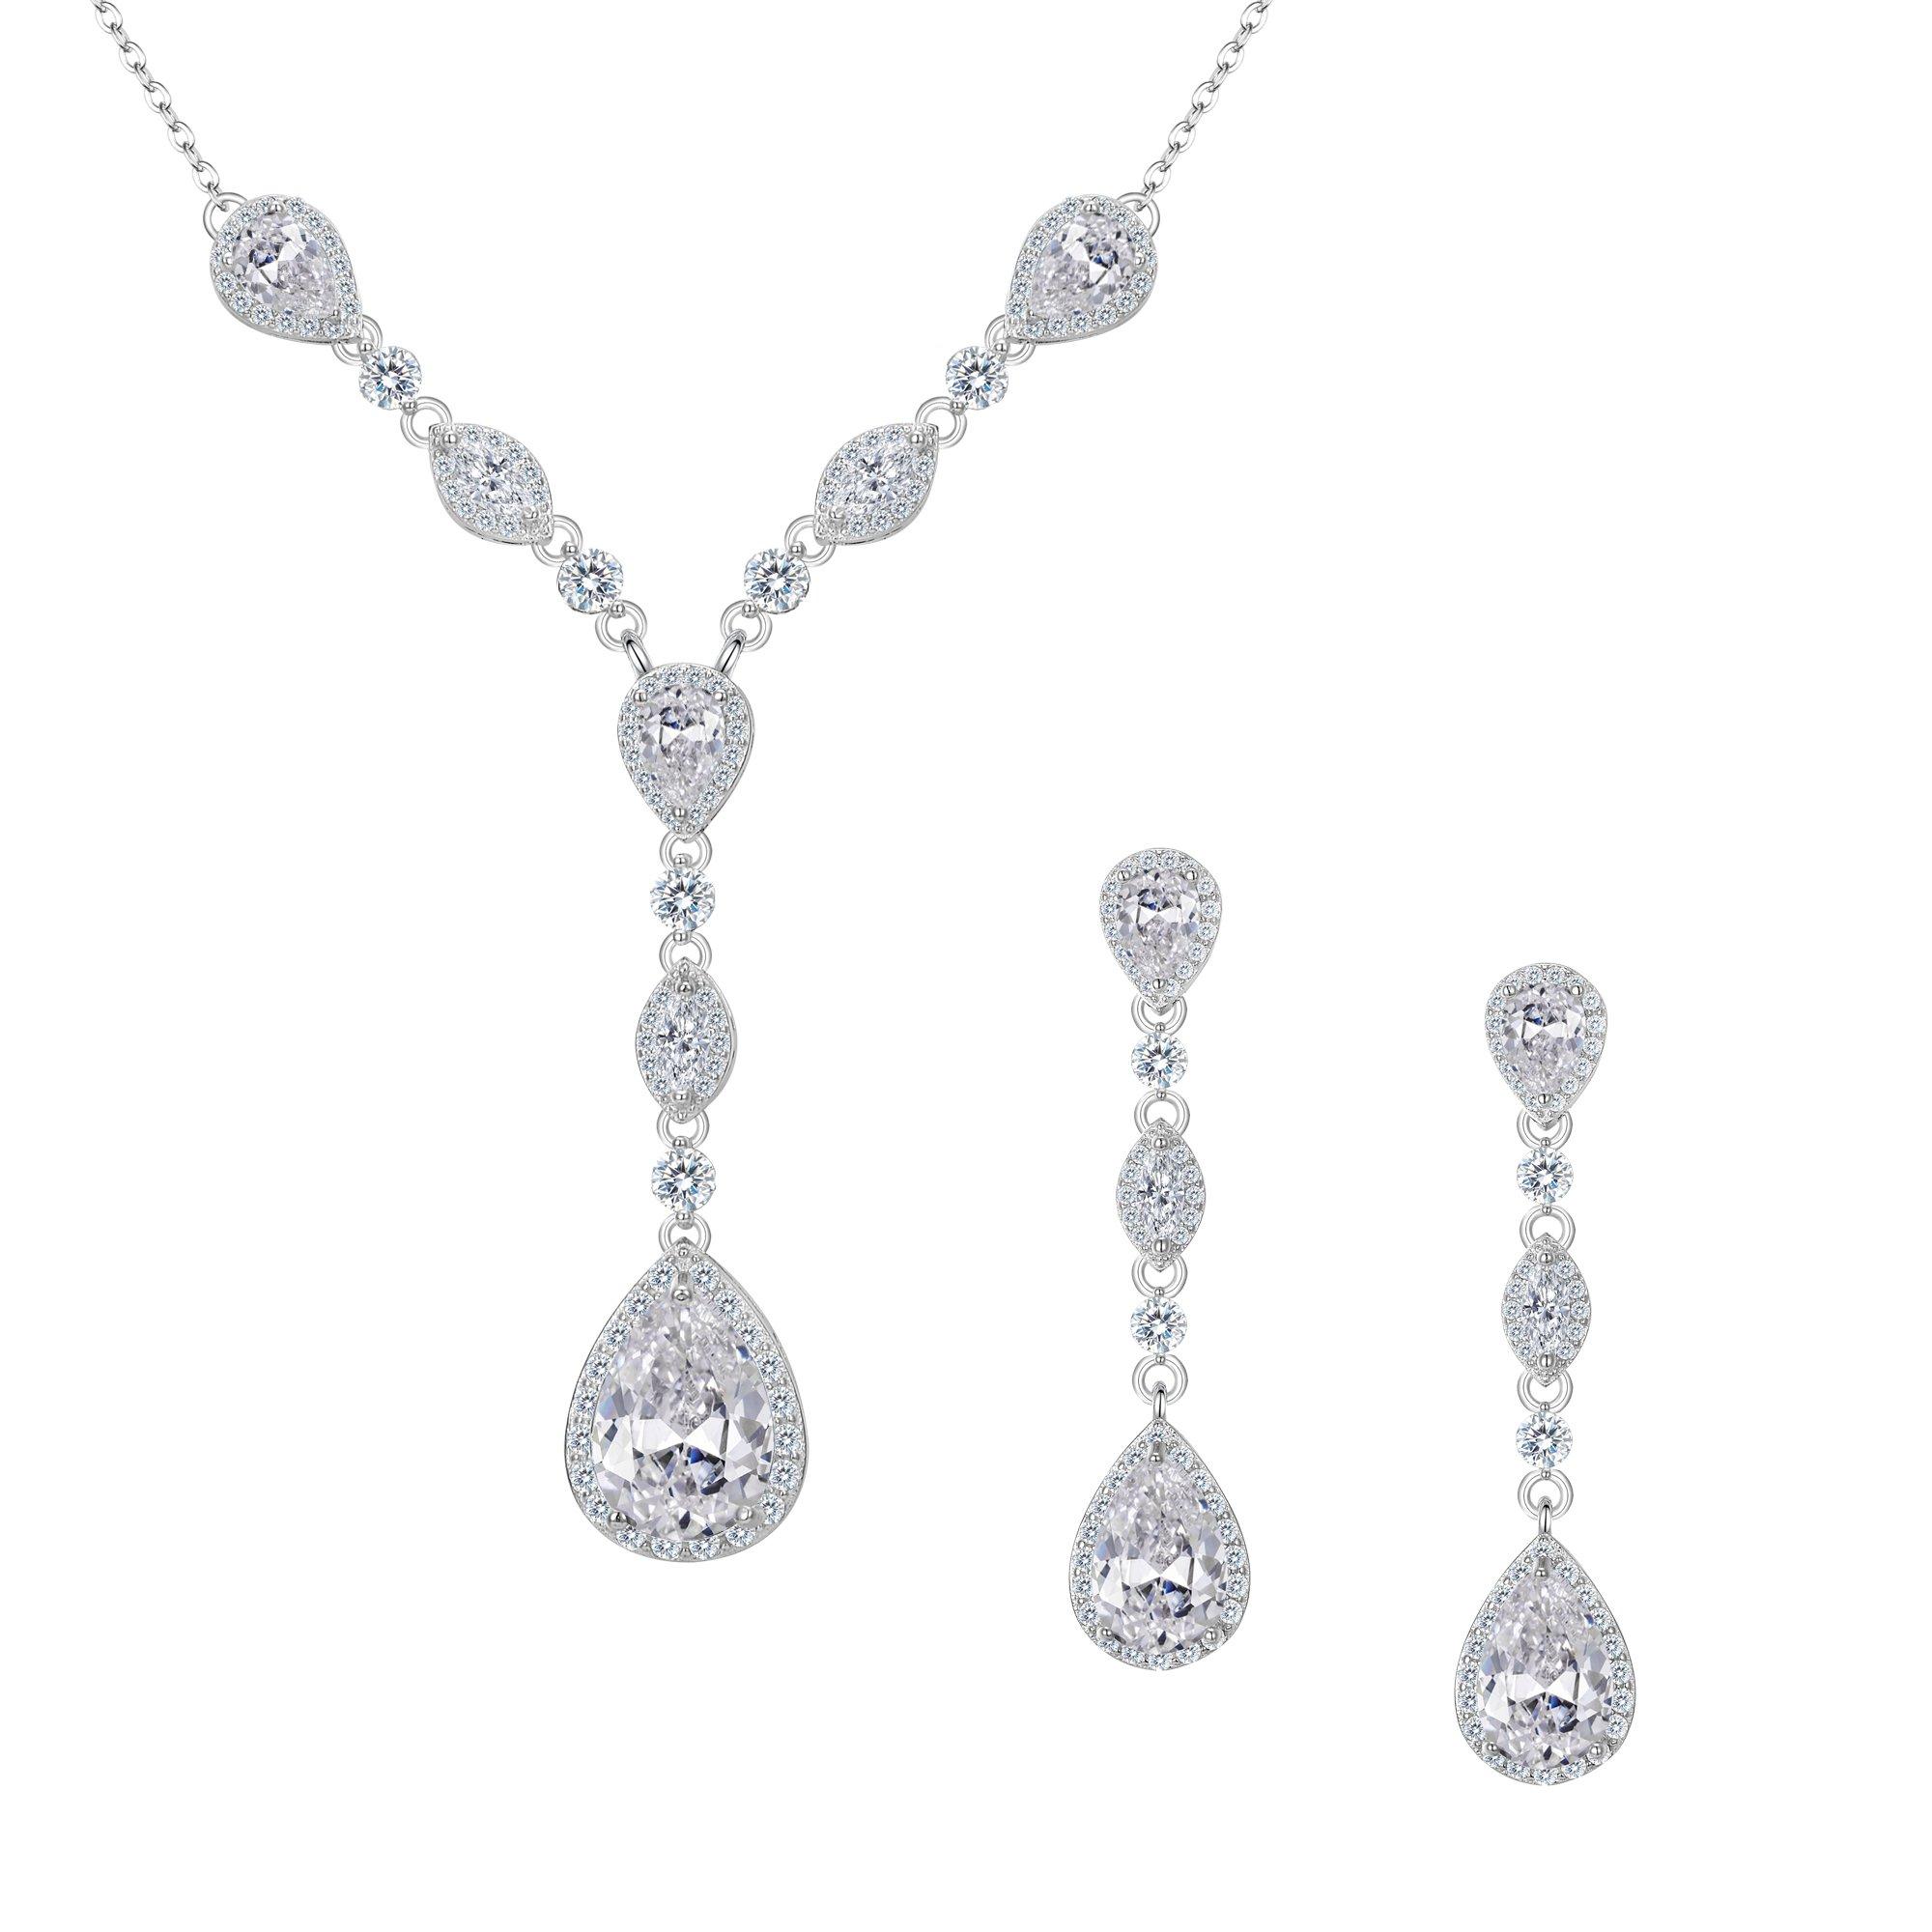 FANZE Women's Full Prong Cubic Zirconia Teardrop Pear Shape Y Necklace Pierced Earrings Wedding Jewelry Set Silver-Tone